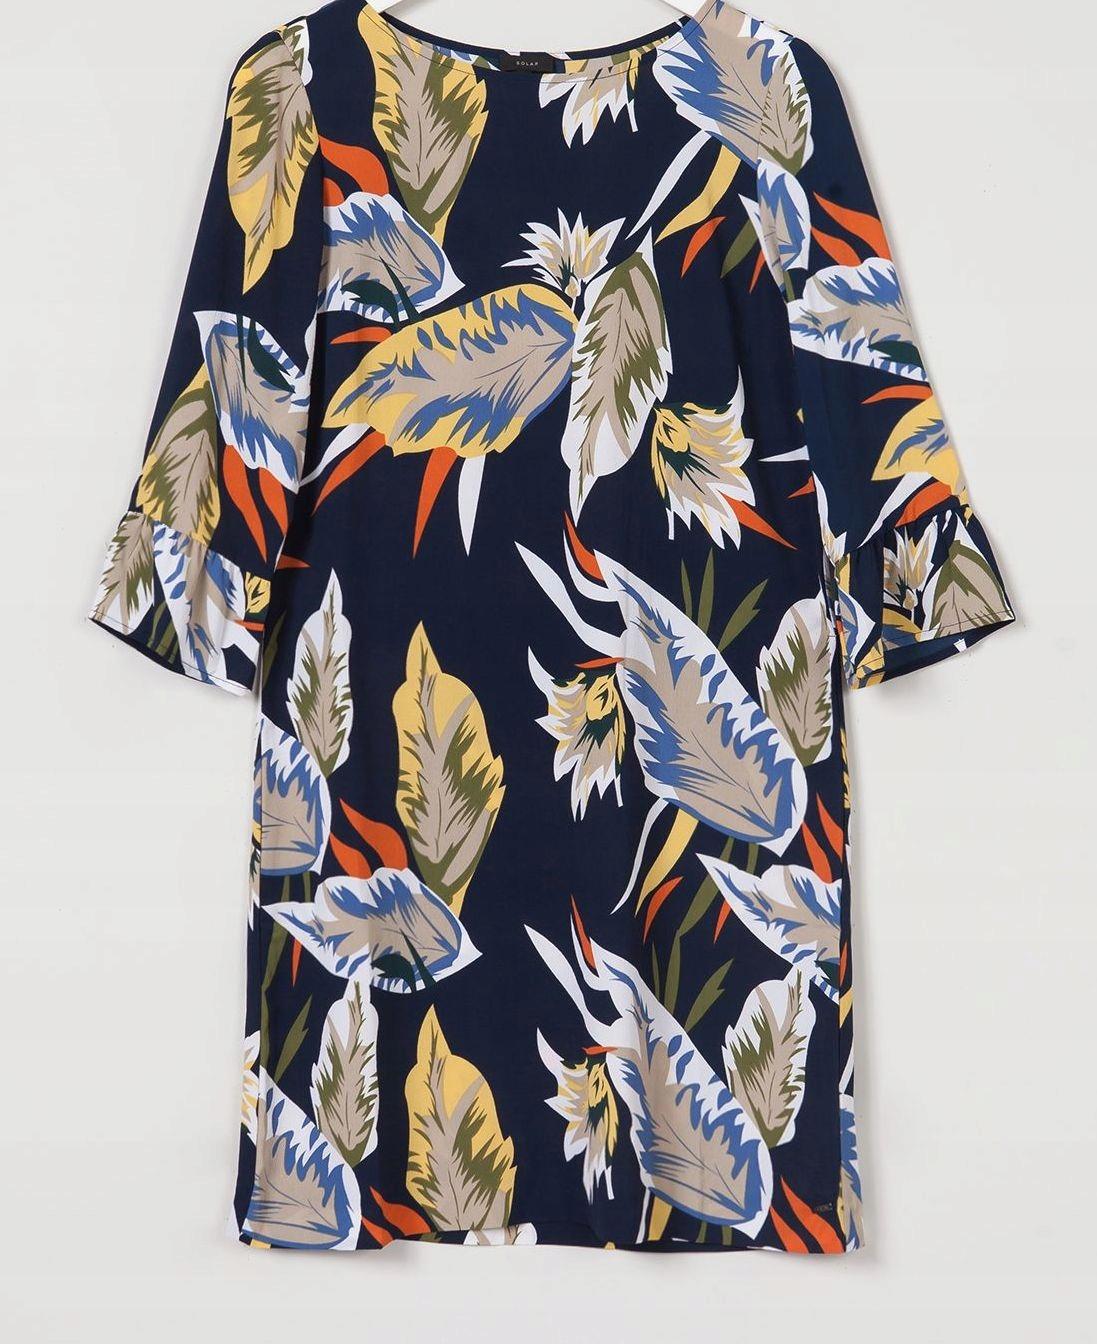 594895d8 Sukienka Solar r. 36 nowa kolekcja jesień 2018 - 7659676578 ...